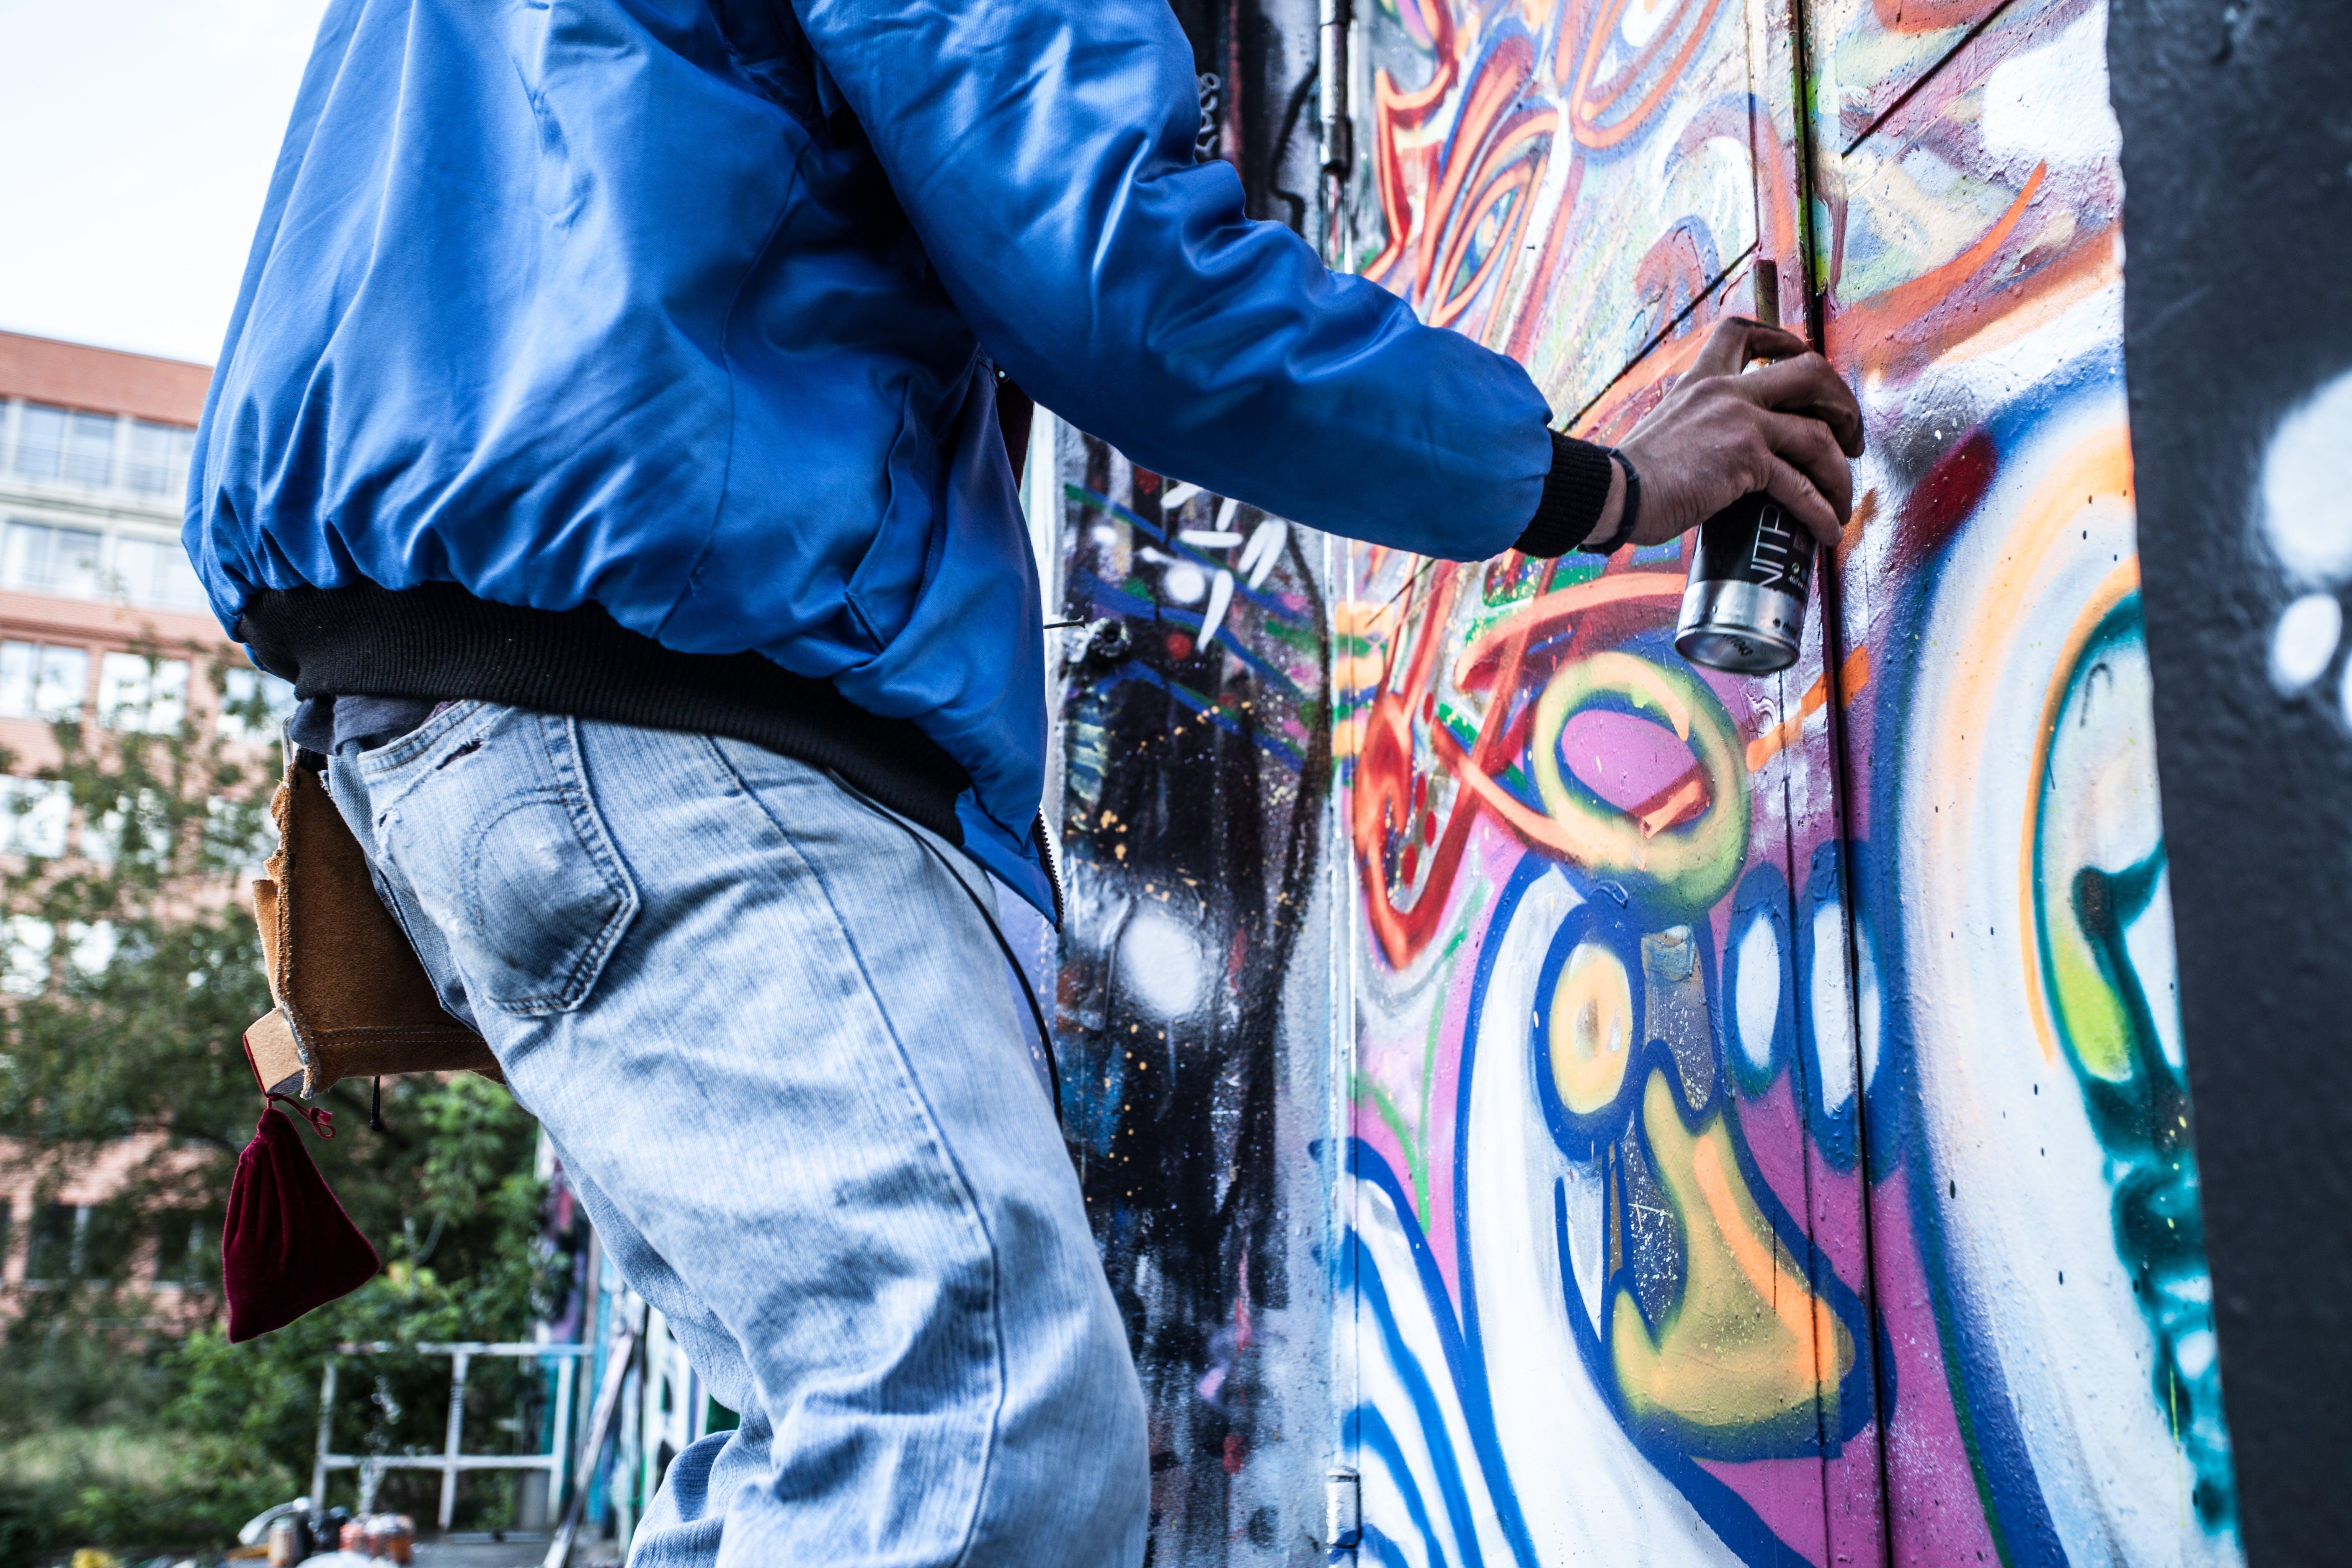 Immagine gratuita di arte, arte di strada, blue jeans, dipingere